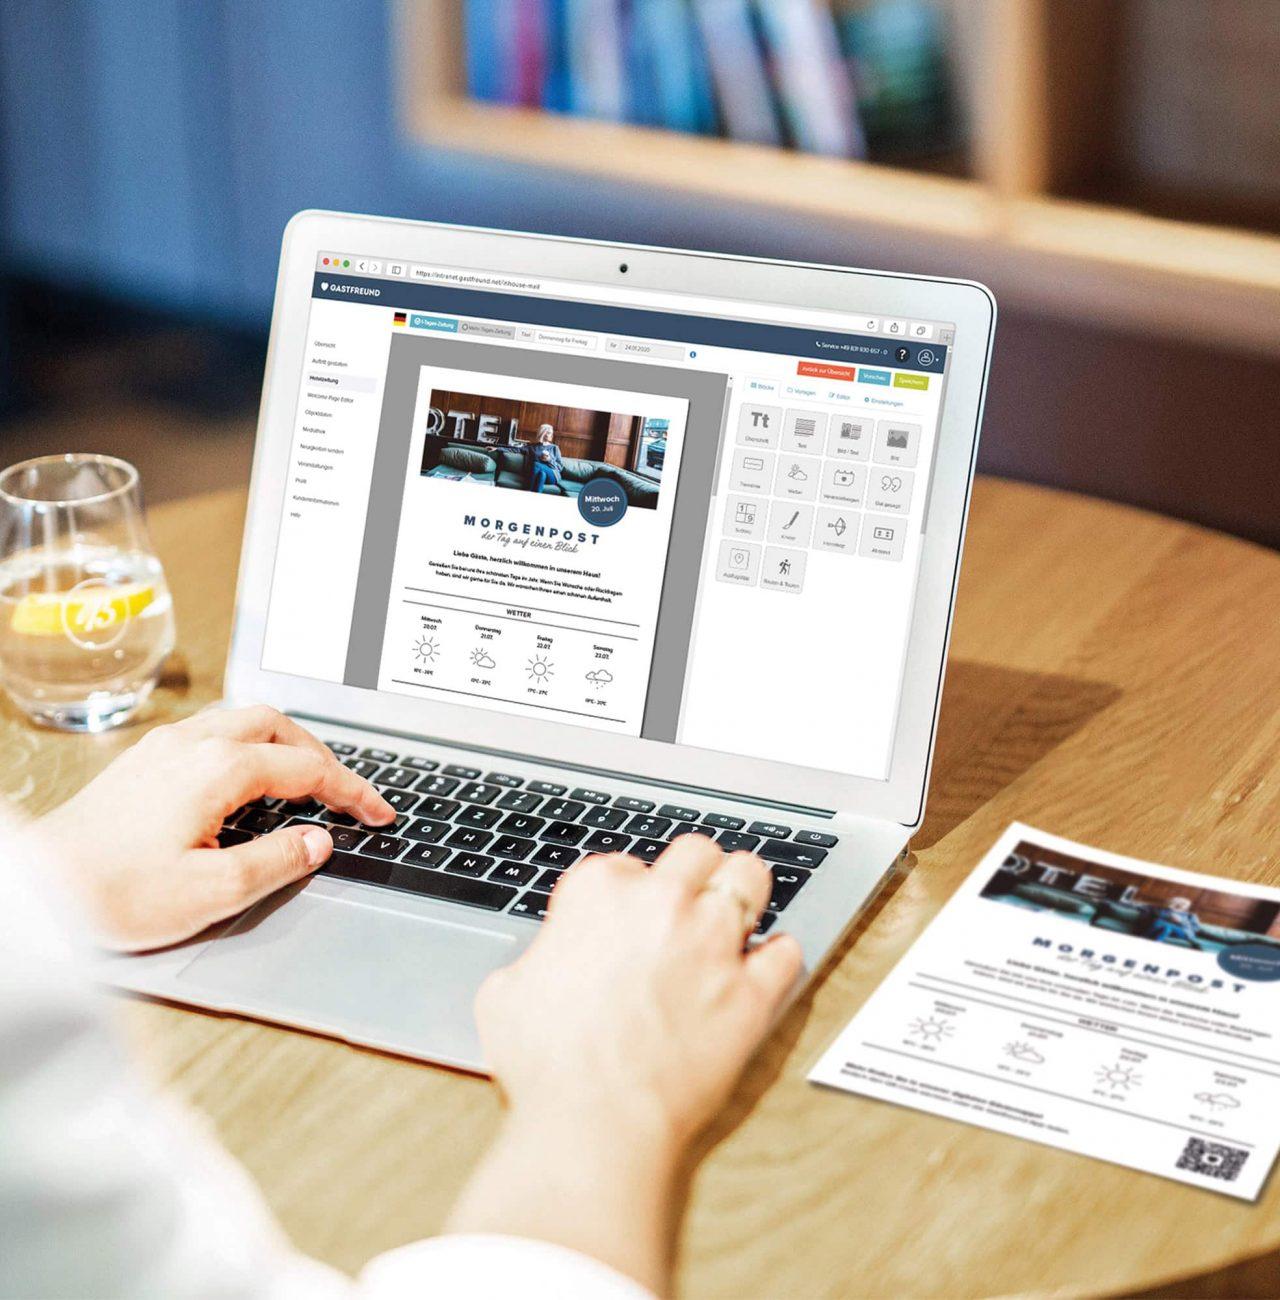 Ein Mitarbeiter des Hotels erstellt auf dem Laptop die Hotelzeitung mit dem Online-Editor mit Drag-and-Drop Funktion von Gastfreund